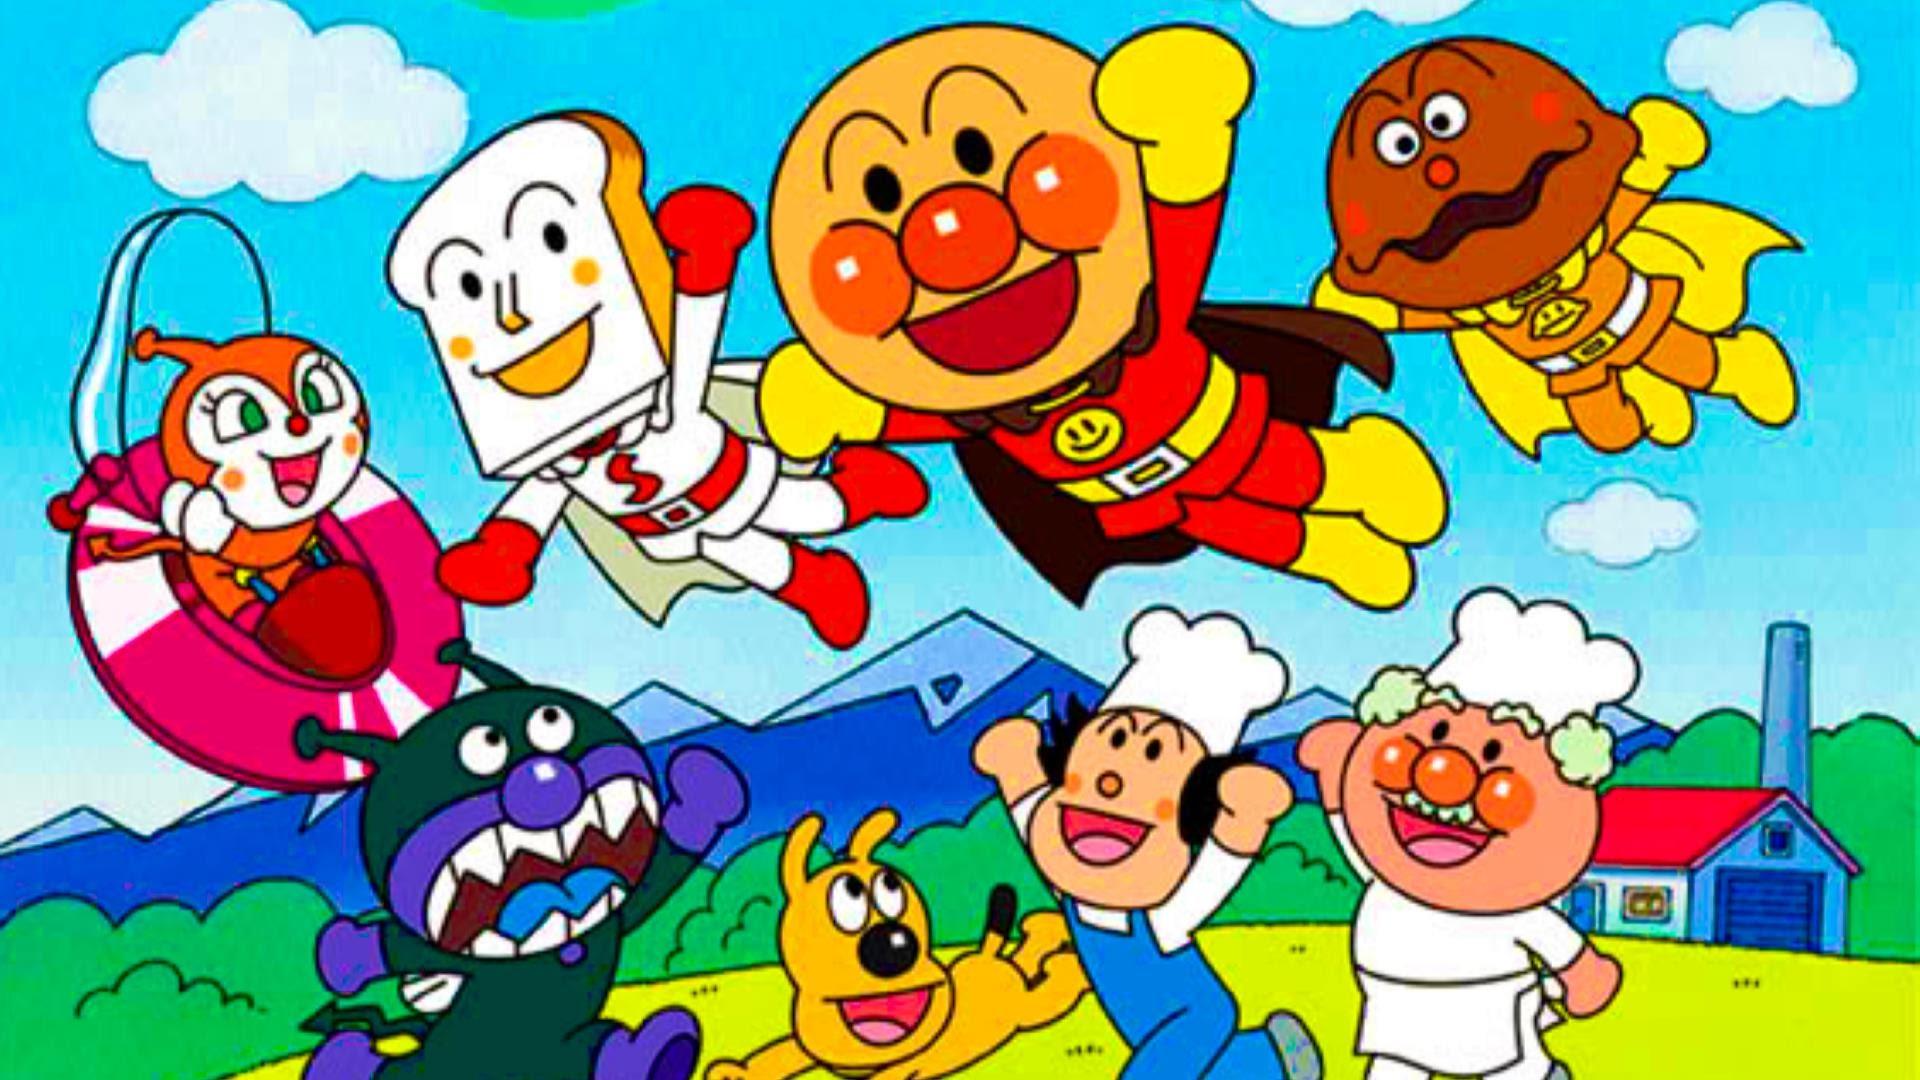 アンパンマンのテレビアニメが始まったのは 放送時間はいつ エントピ Entertainment Topics